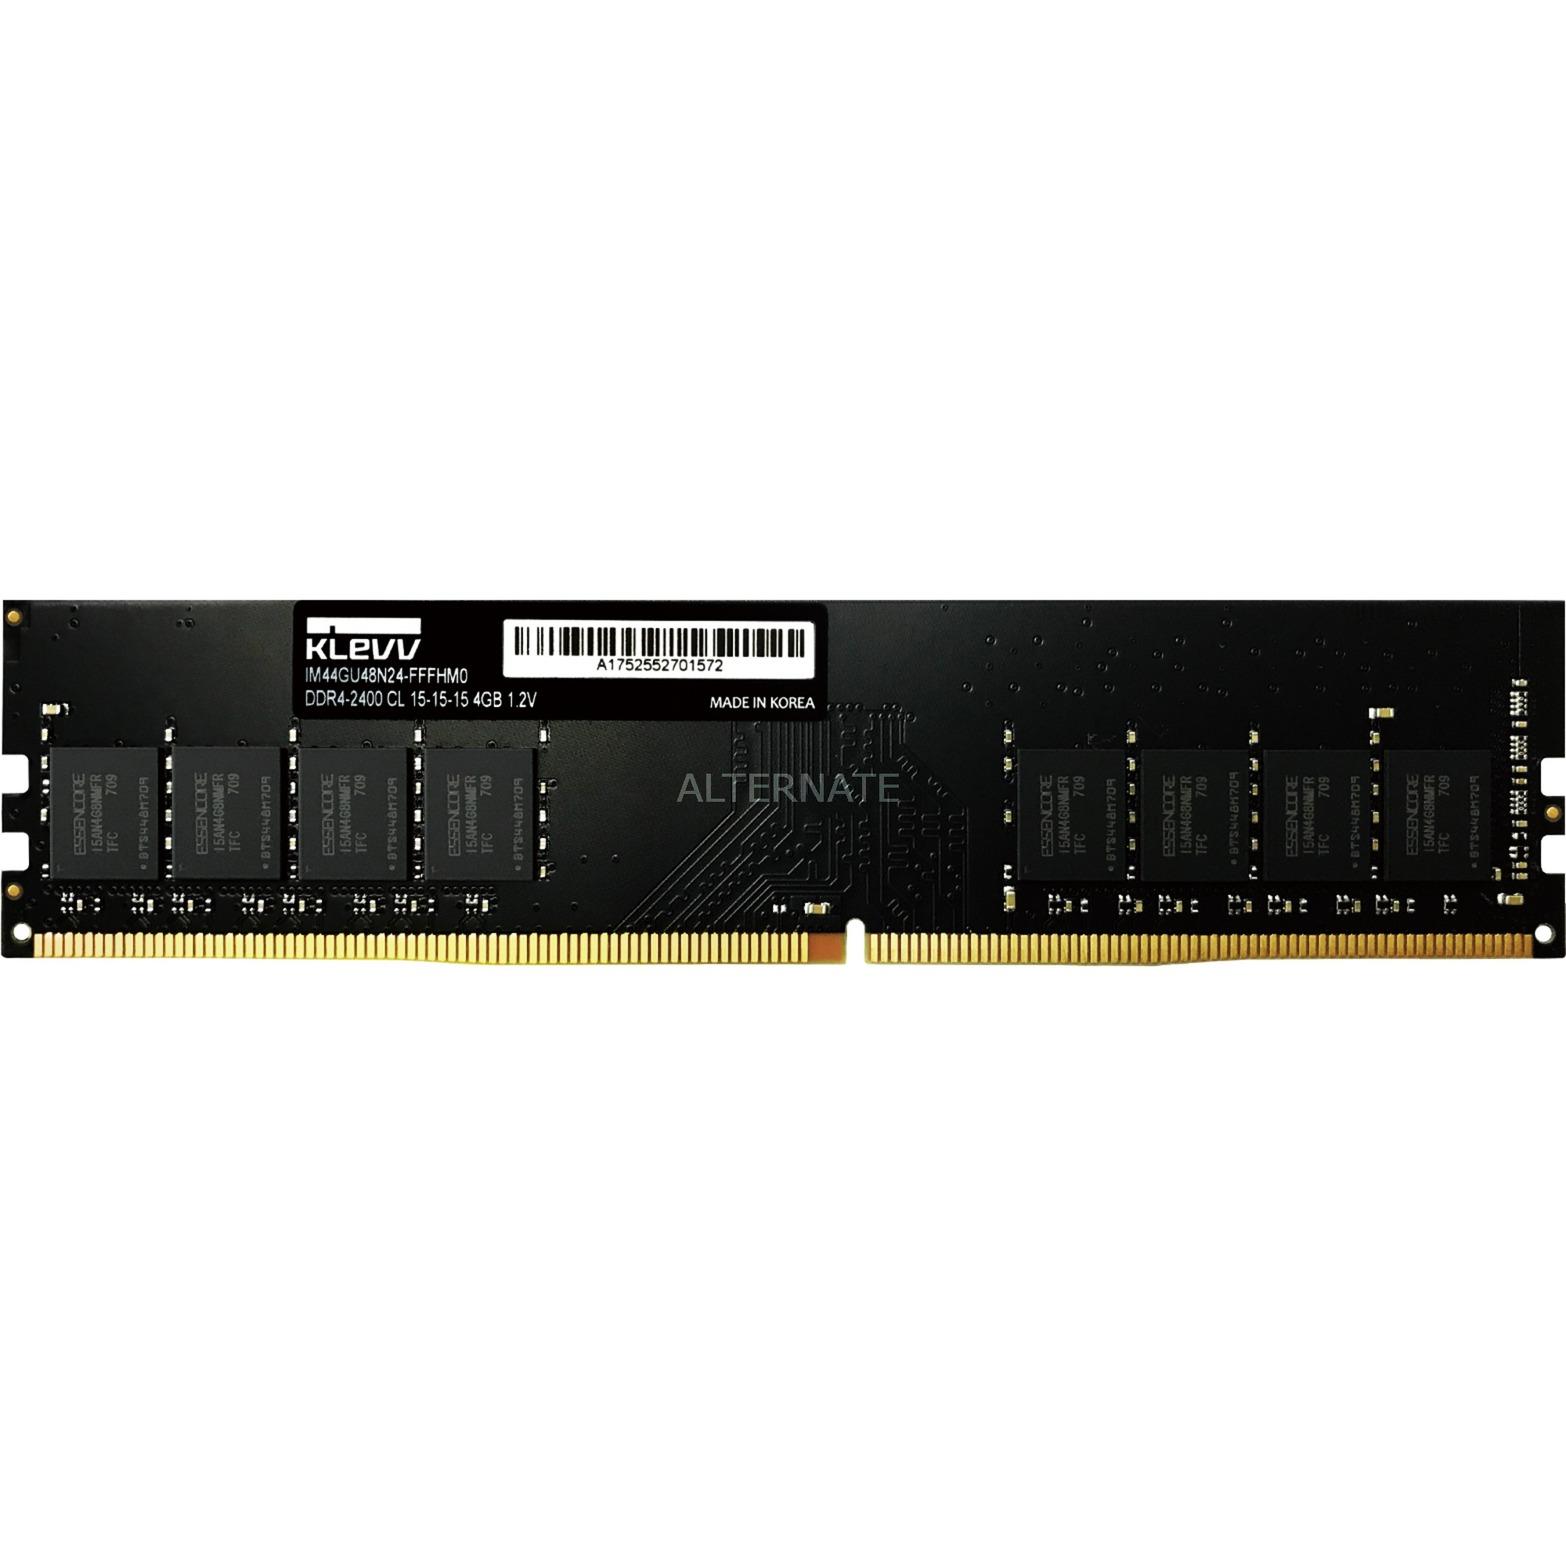 IM44GU48N24-FFFH*0, Memoria RAM